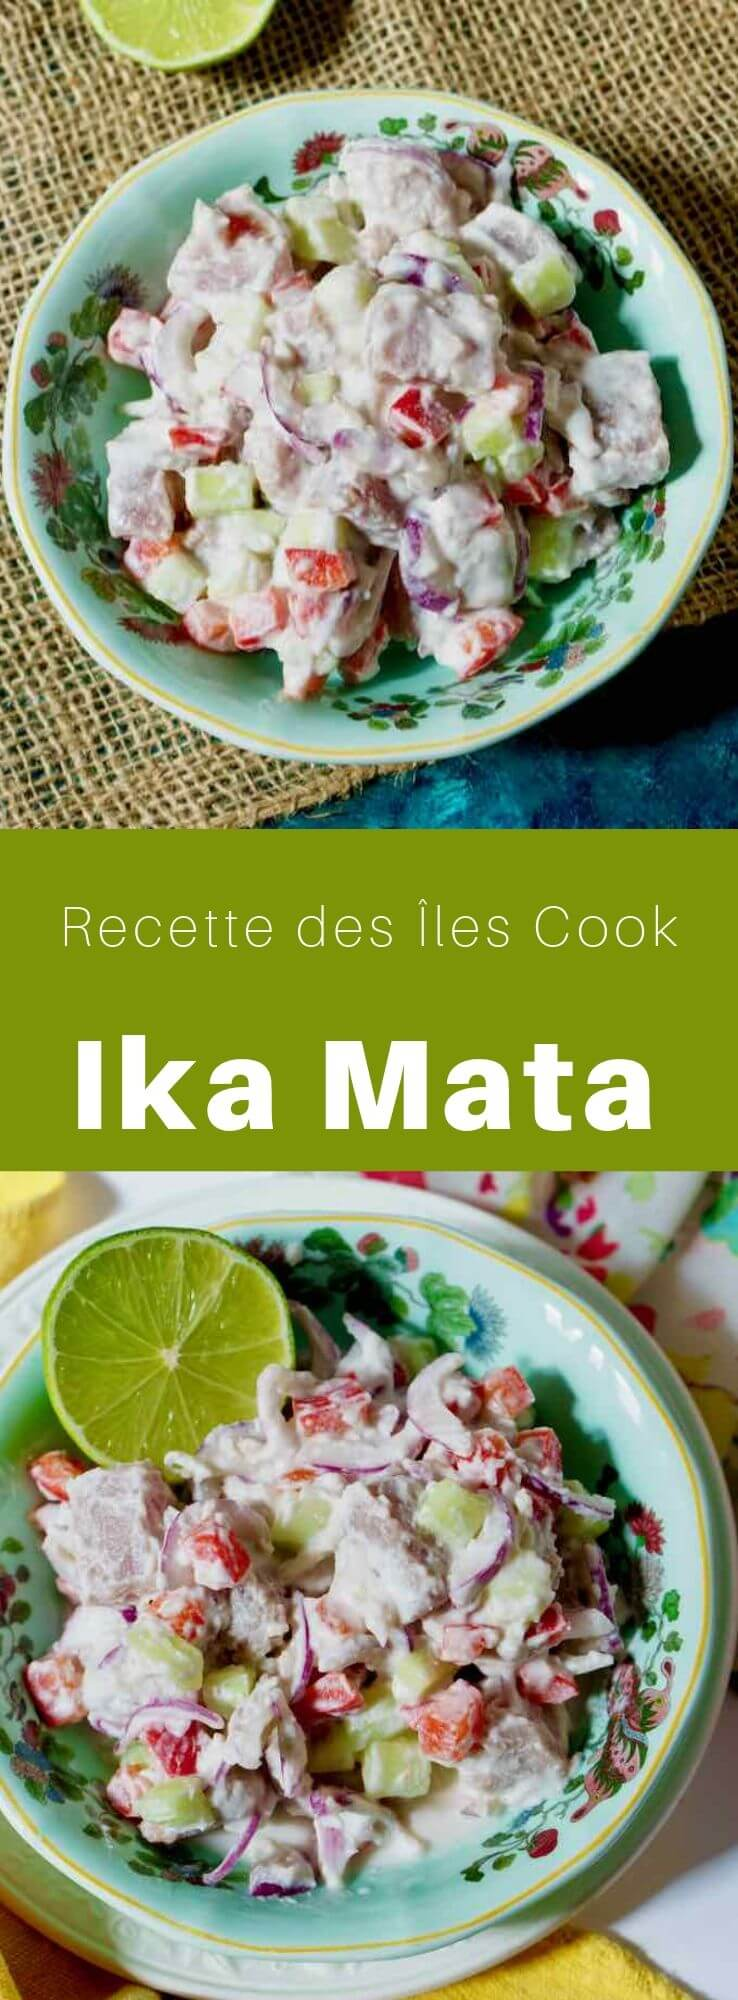 L'ika mata est un célèbre plat traditionnel à base de poisson cru mariné au citron et au lait de coco originaire des Îles Cook. #IlesCook #RecetteDuPacifique #CuisineDuMonde #196flavors